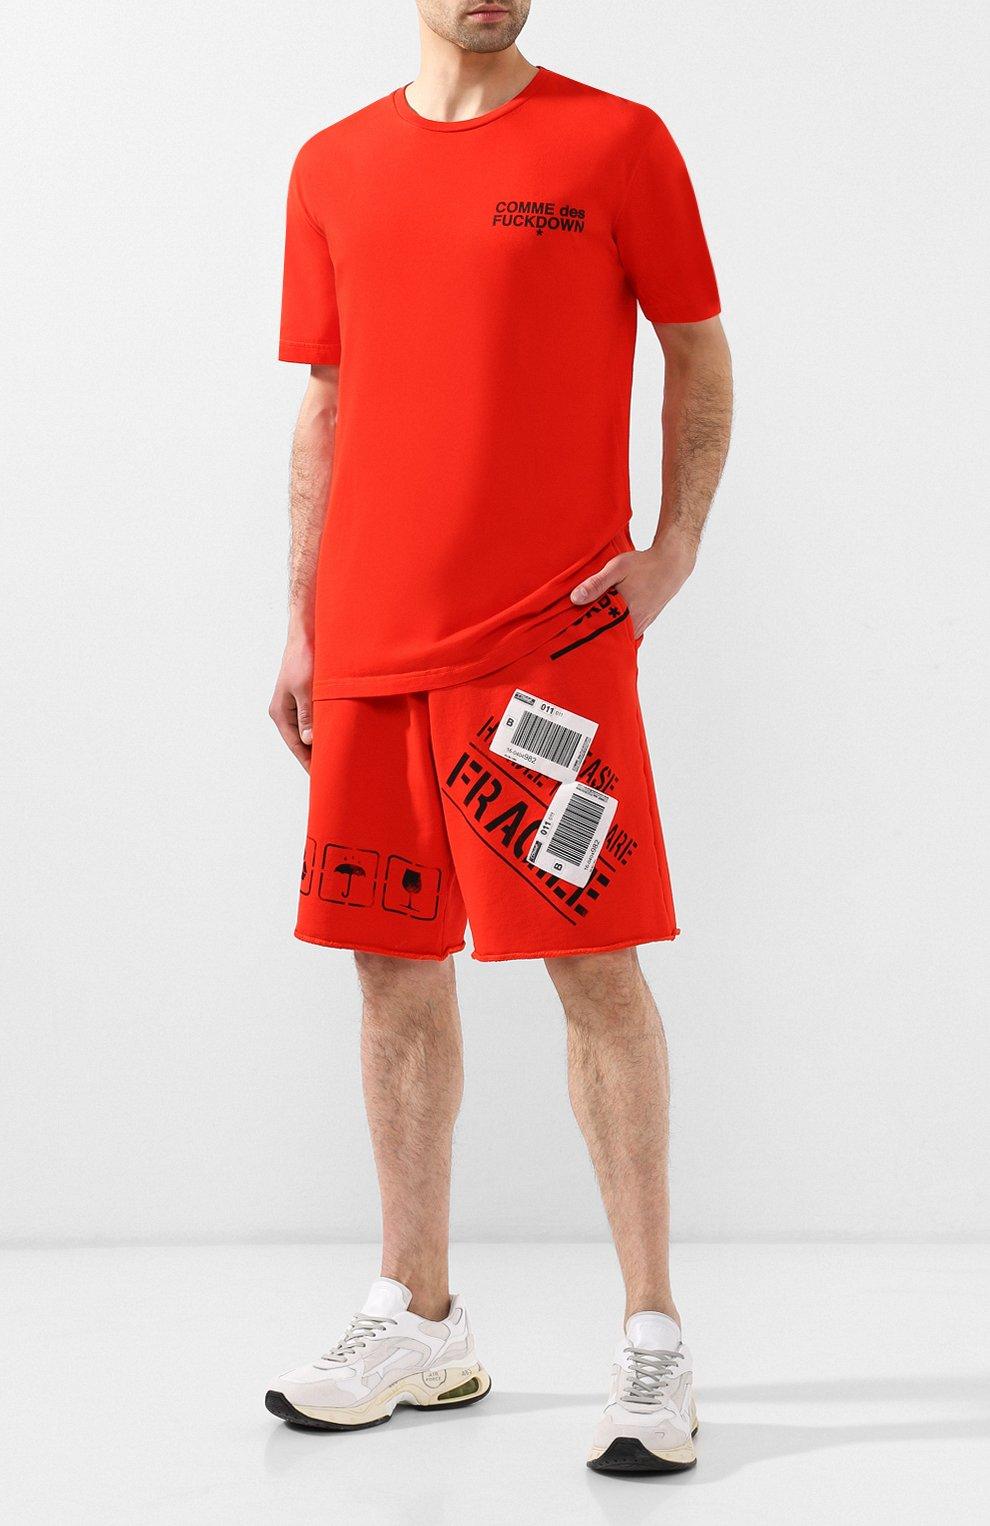 Хлопковые шорты Comme des Fuckdown красные | Фото №2